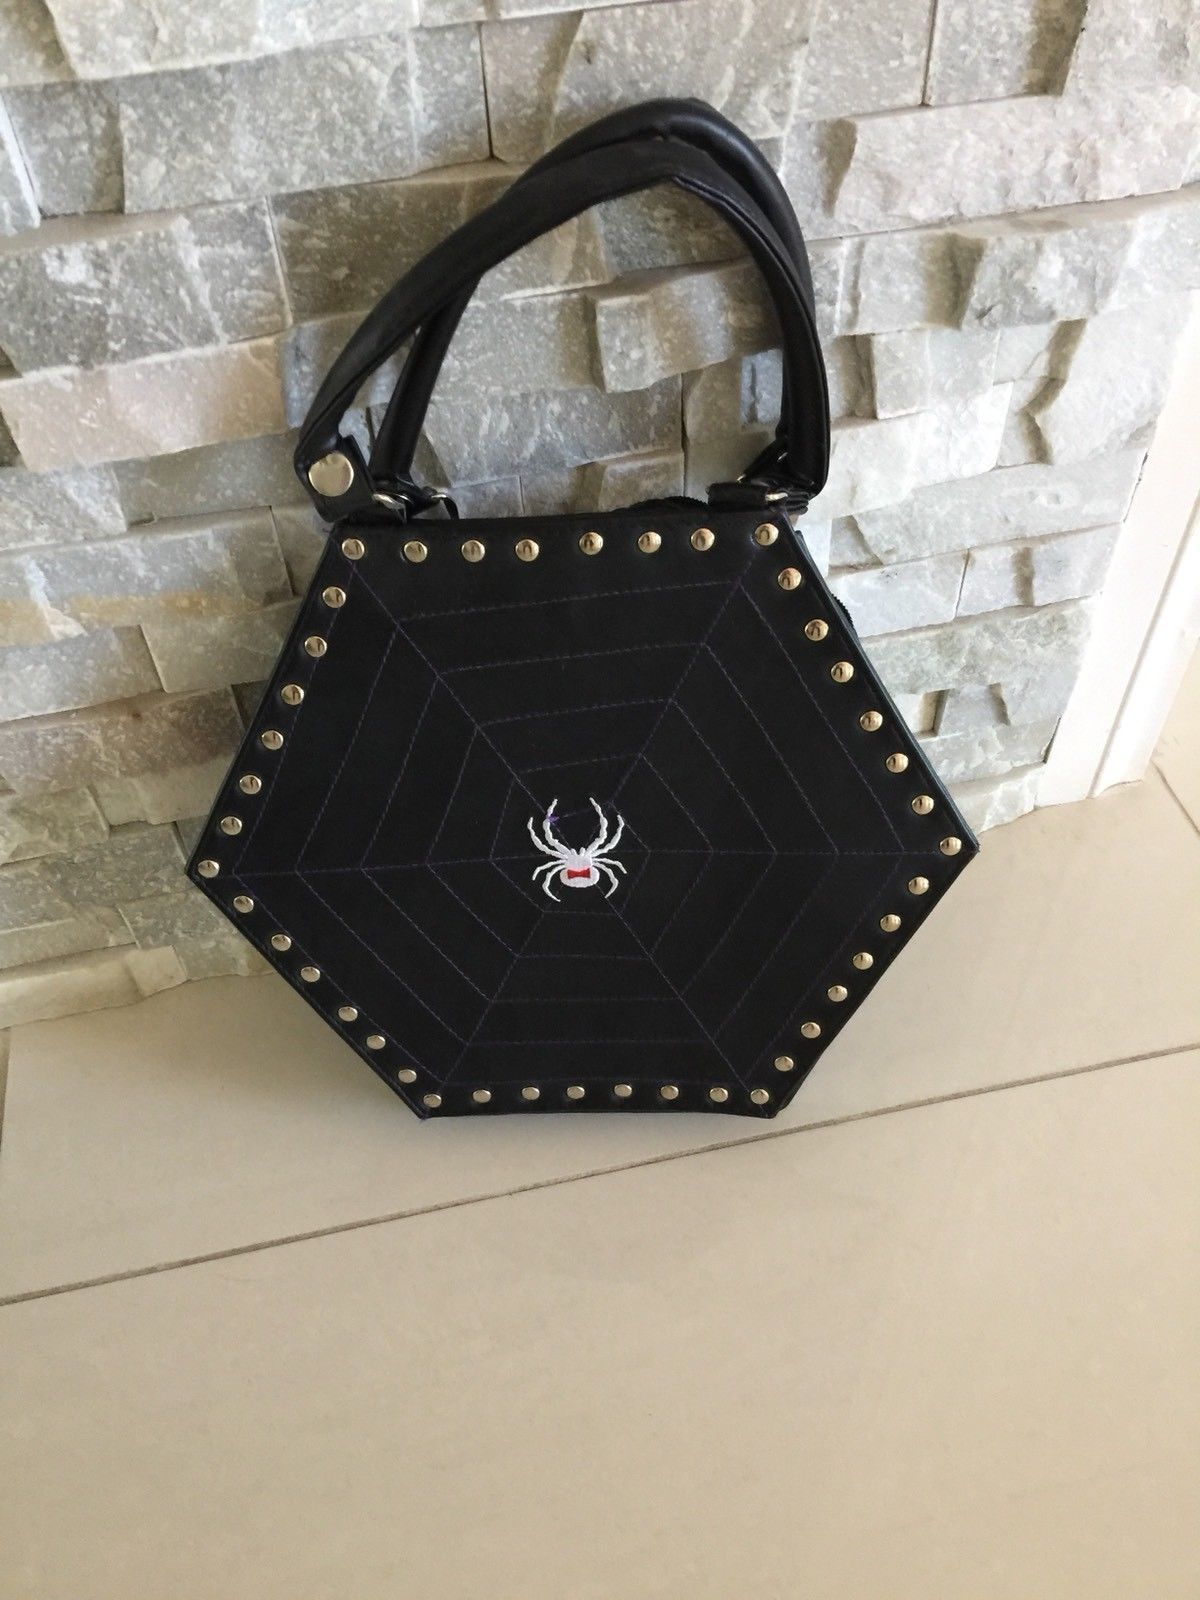 f7ec54789589 Gothic  Punk Unique Black DEMONIA Leather Hexagon Spiderweb Stud Hand Bag